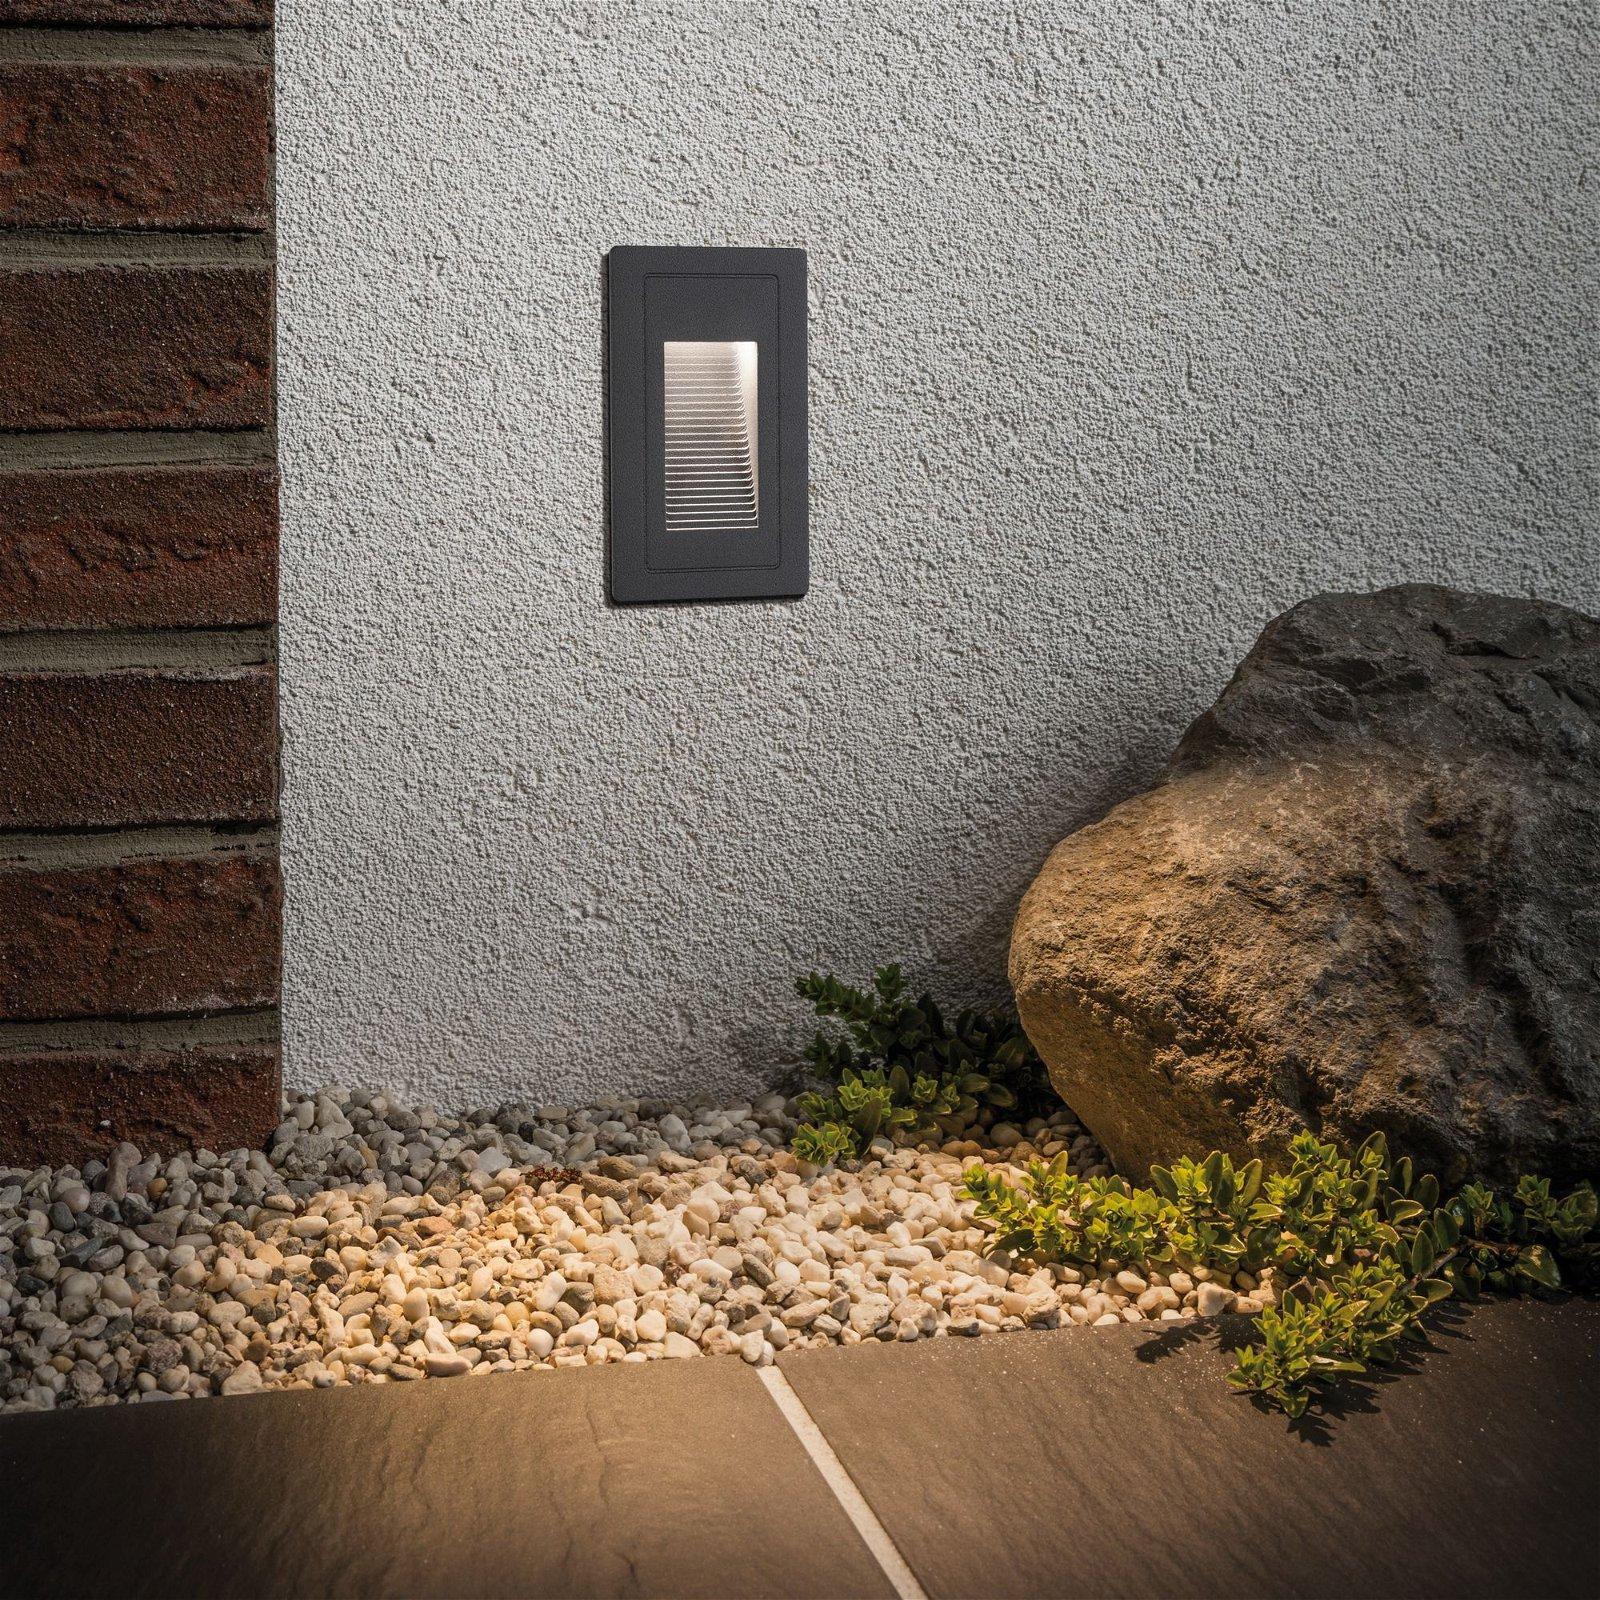 LED Außenwandeinbauleuchte High IP44 eckig 103x58mm 3000K 4W 500lm 230V Schwarz Aluminium